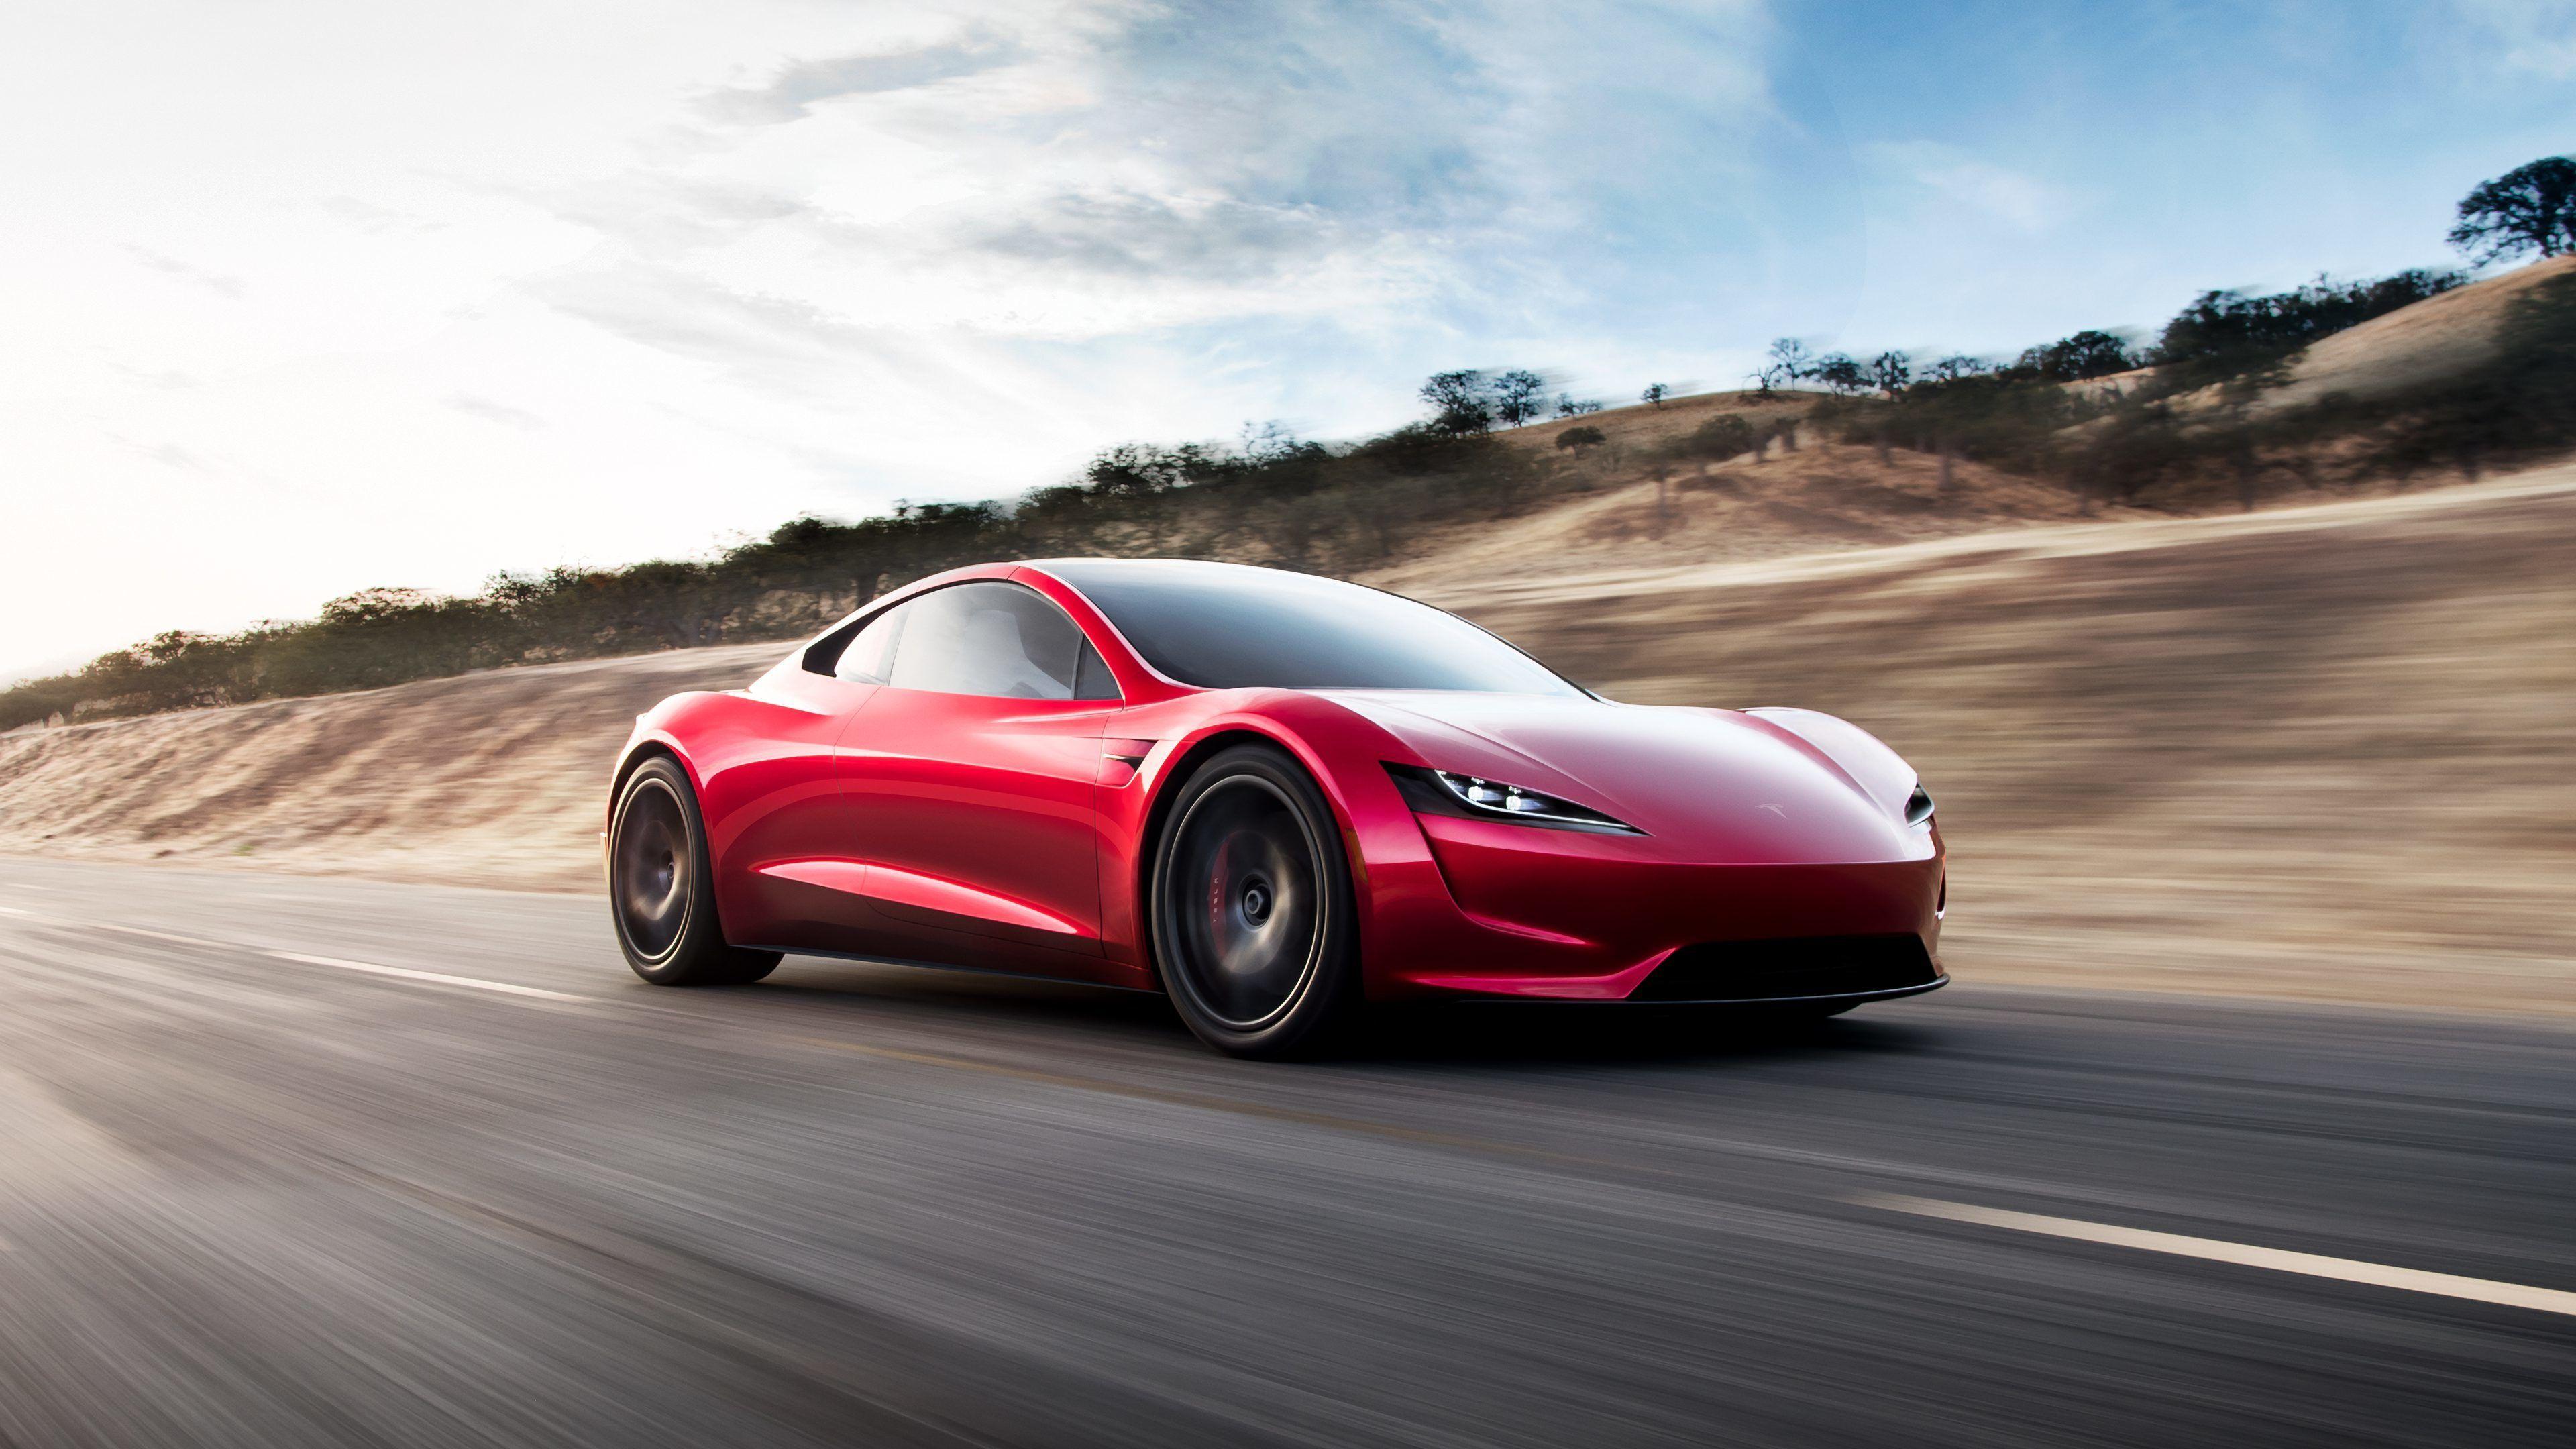 Testsjåfør har prøvd nye Tesla Roadster: – Denne blir et skikkelig våpen